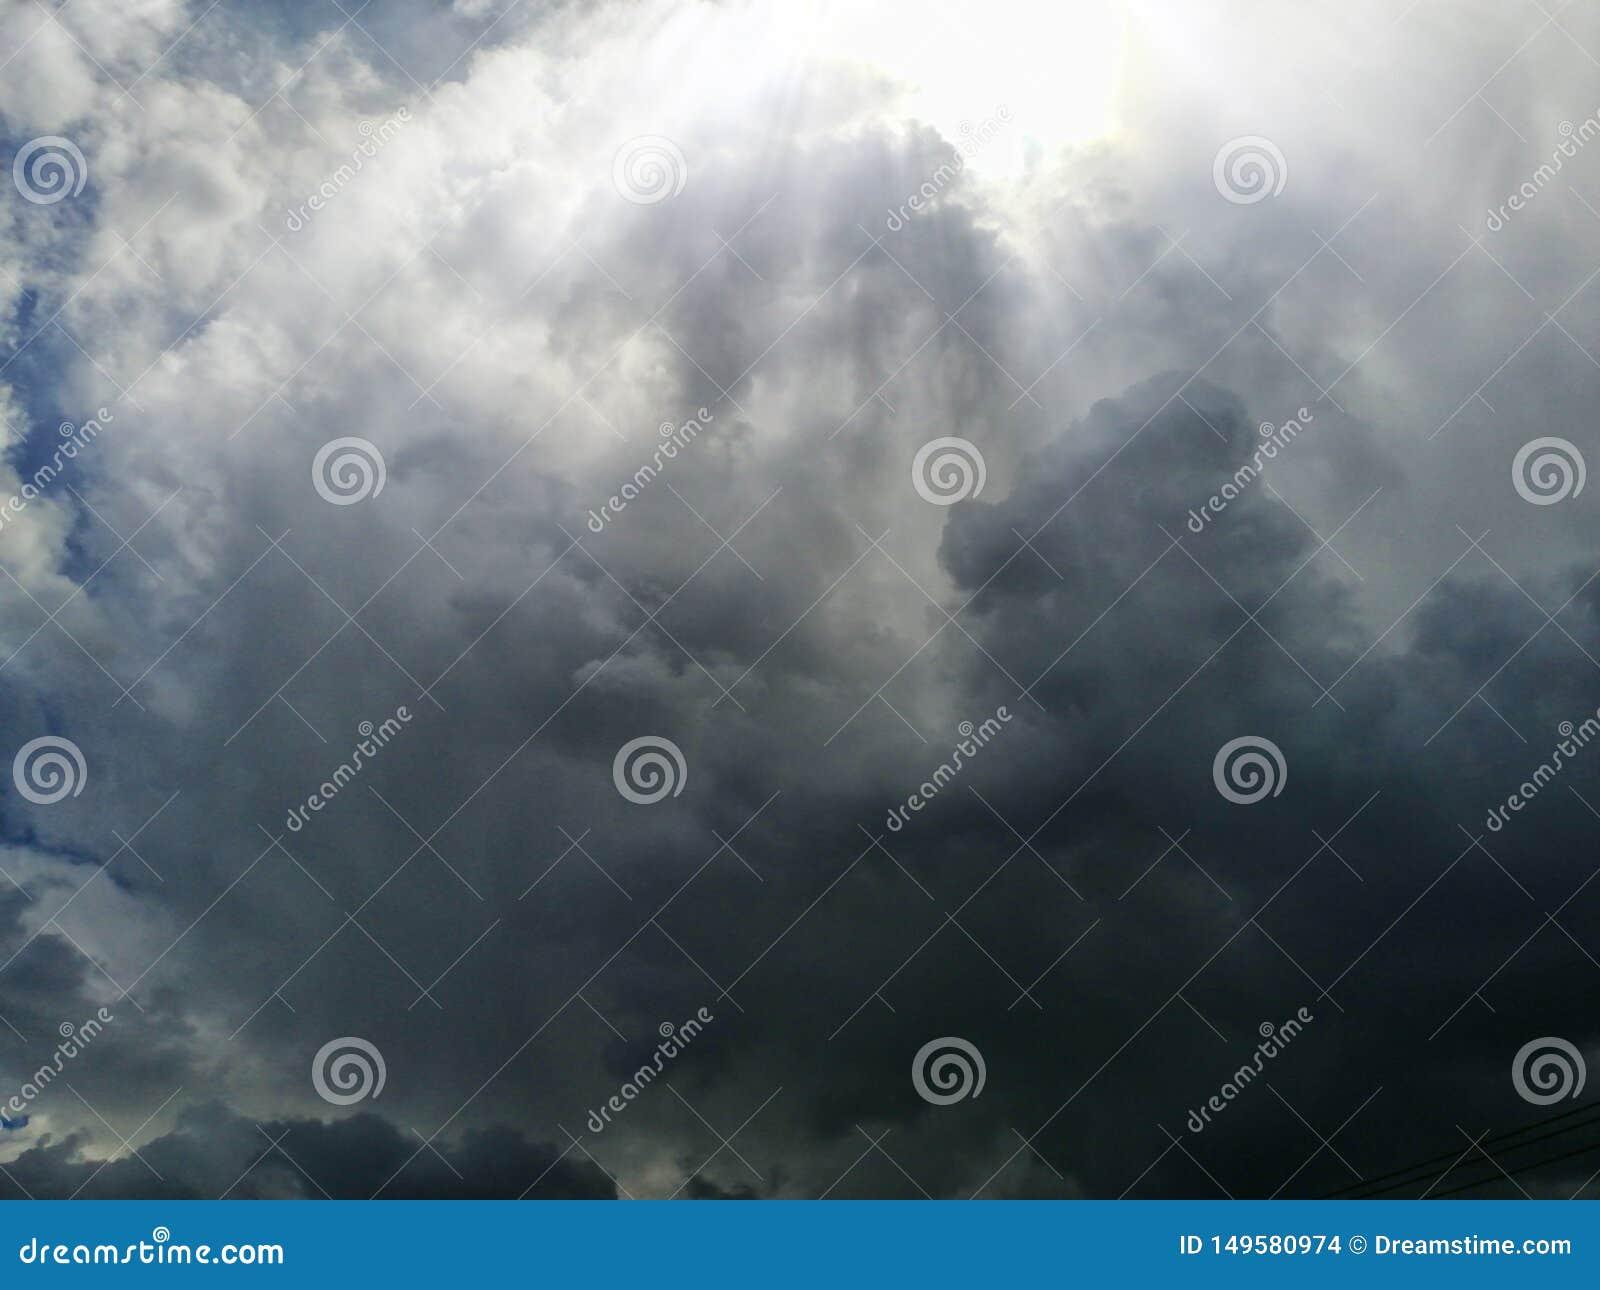 pene tra le nuvole